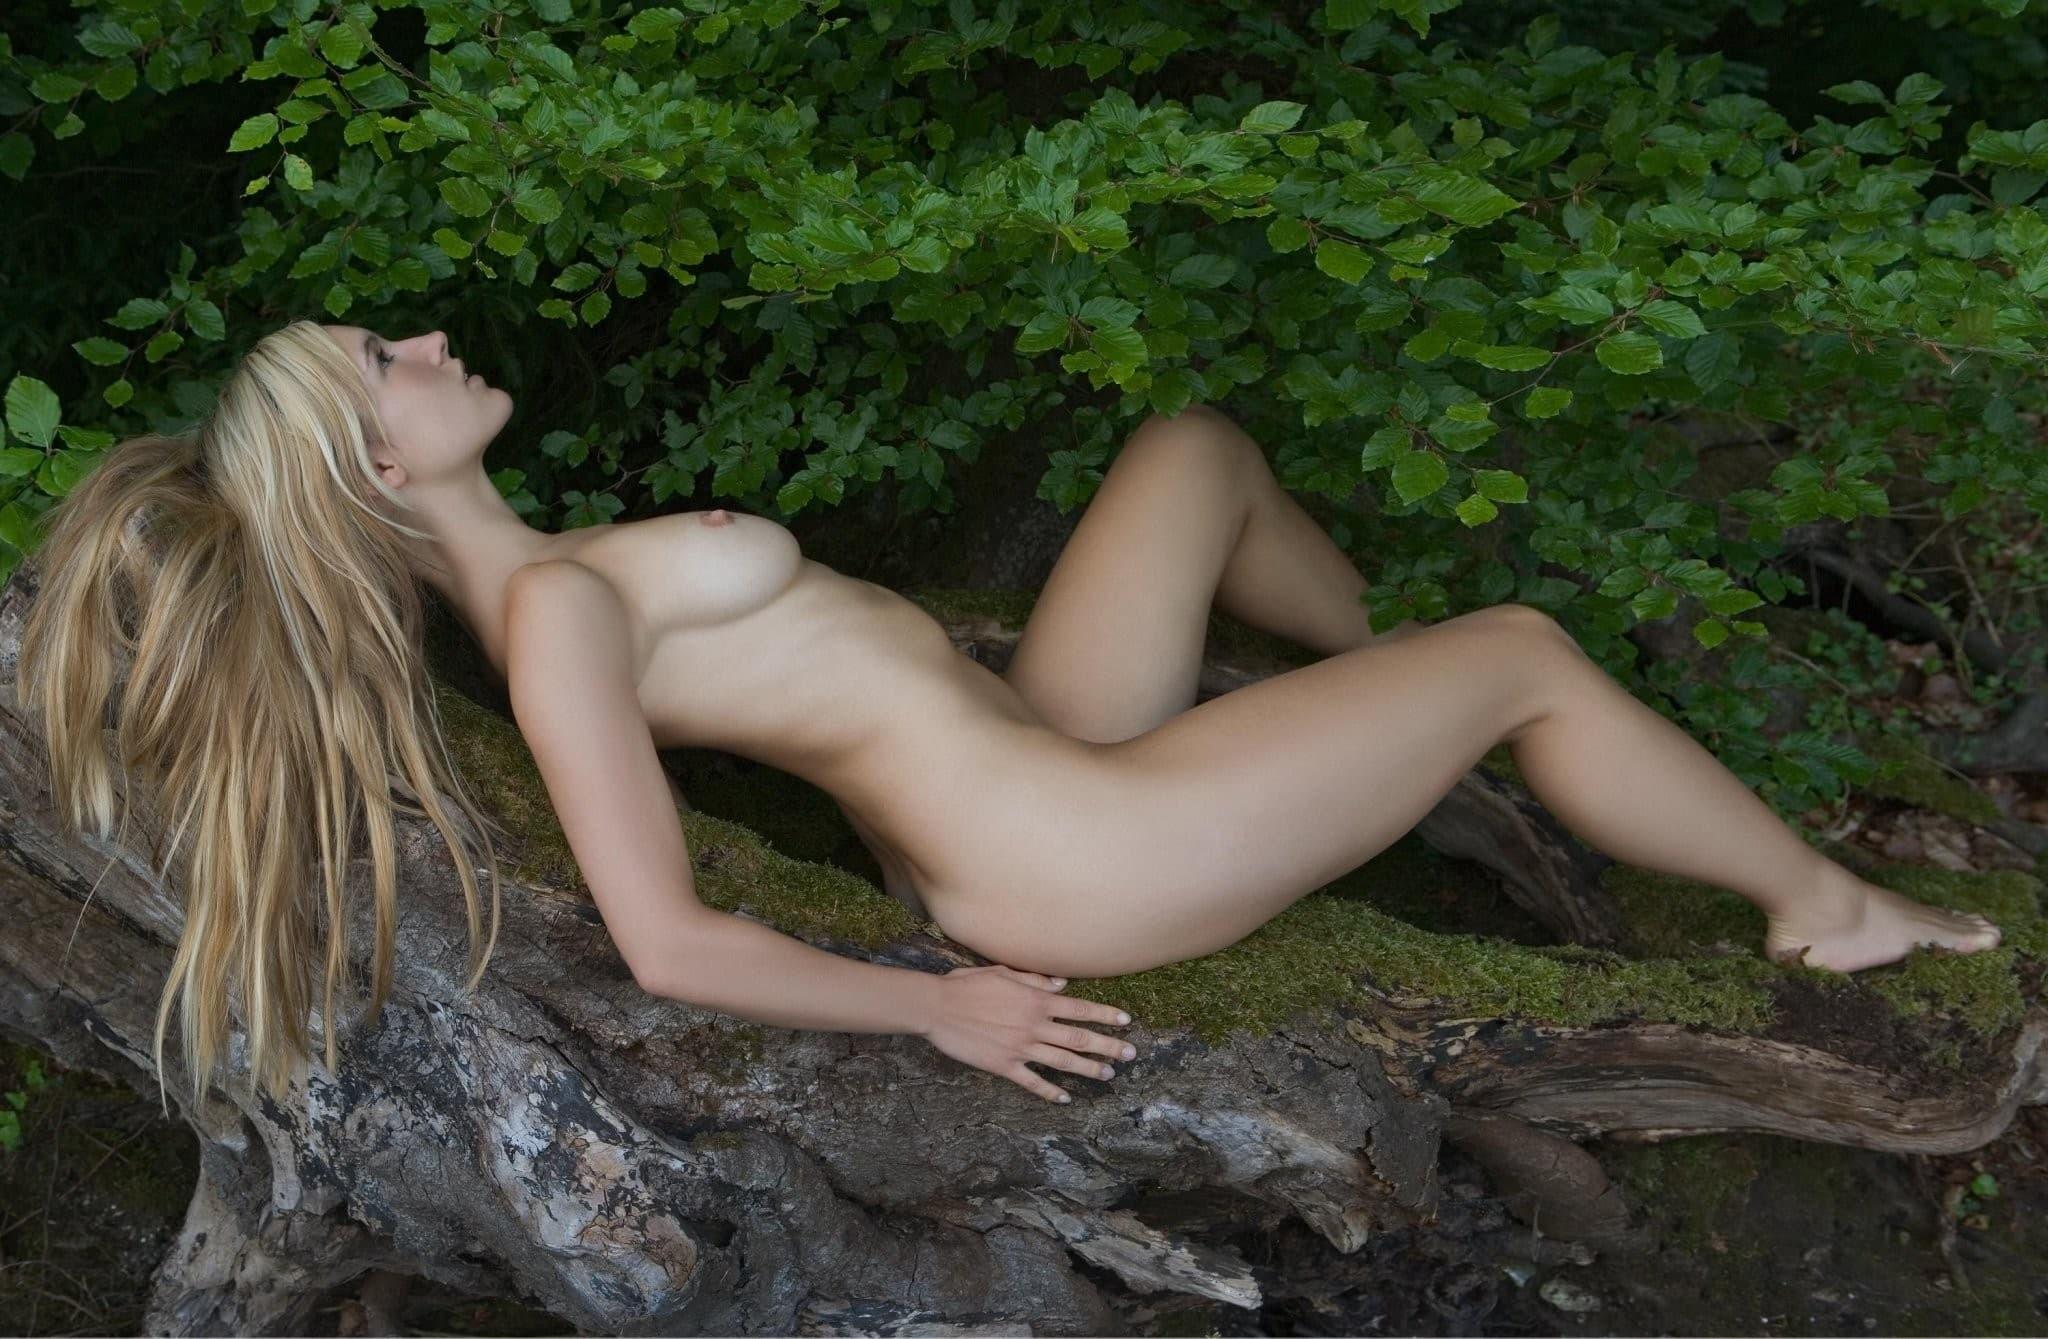 Голая блондинка с упругими сиськами на природе - фото